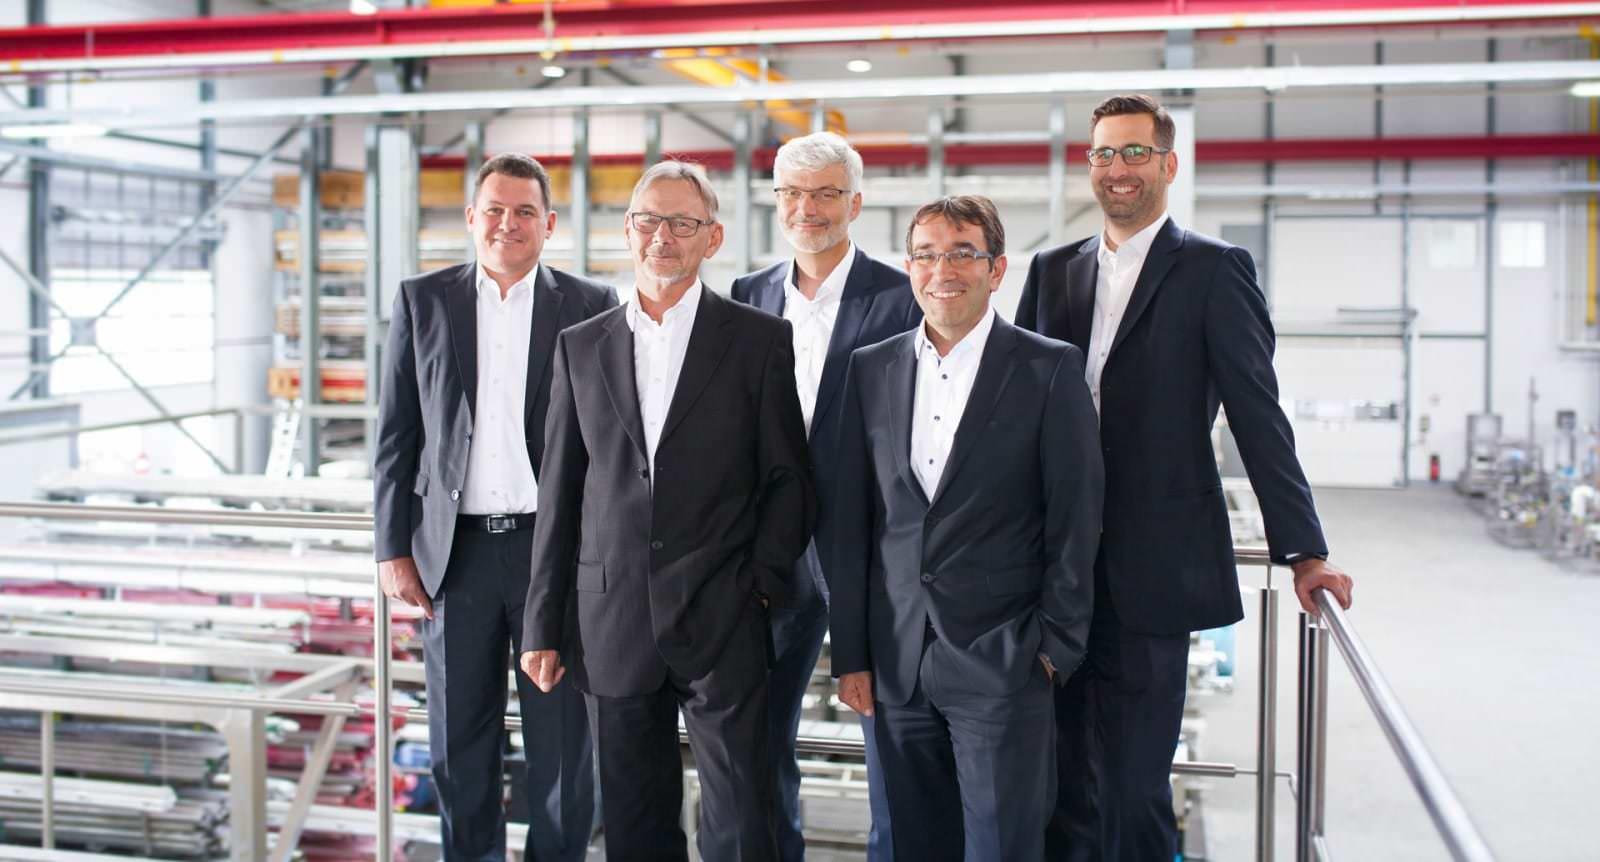 Foto Jürgen Kutzer, Eugen Blaski, Bernhard Scheller, Mathias Nauerth, Florian Klein